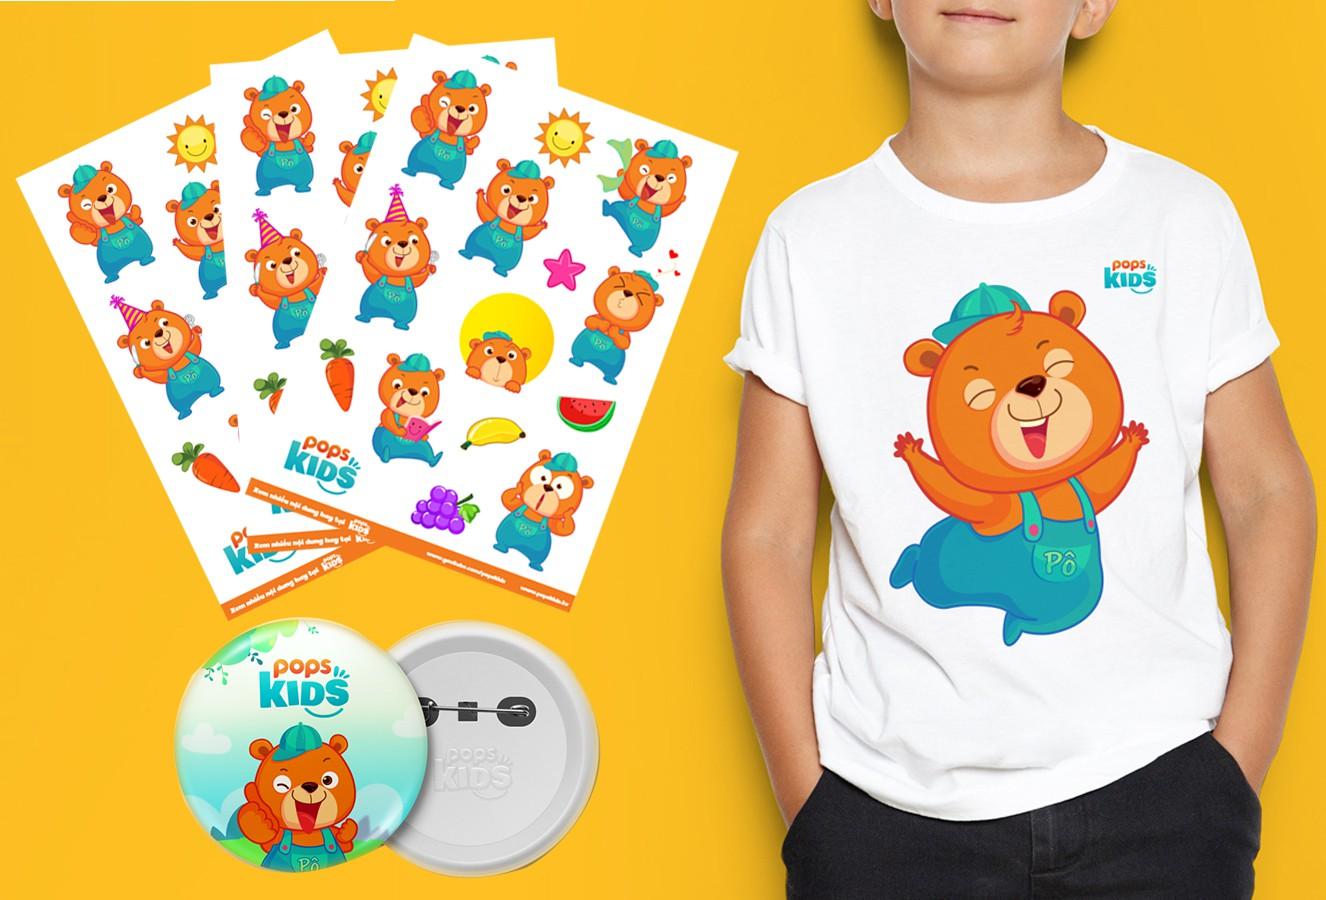 POPS Kids sẽ dẫn đội quân Pikachu đến thăm các bé vào quốc tế thiếu nhi - Ảnh 6.